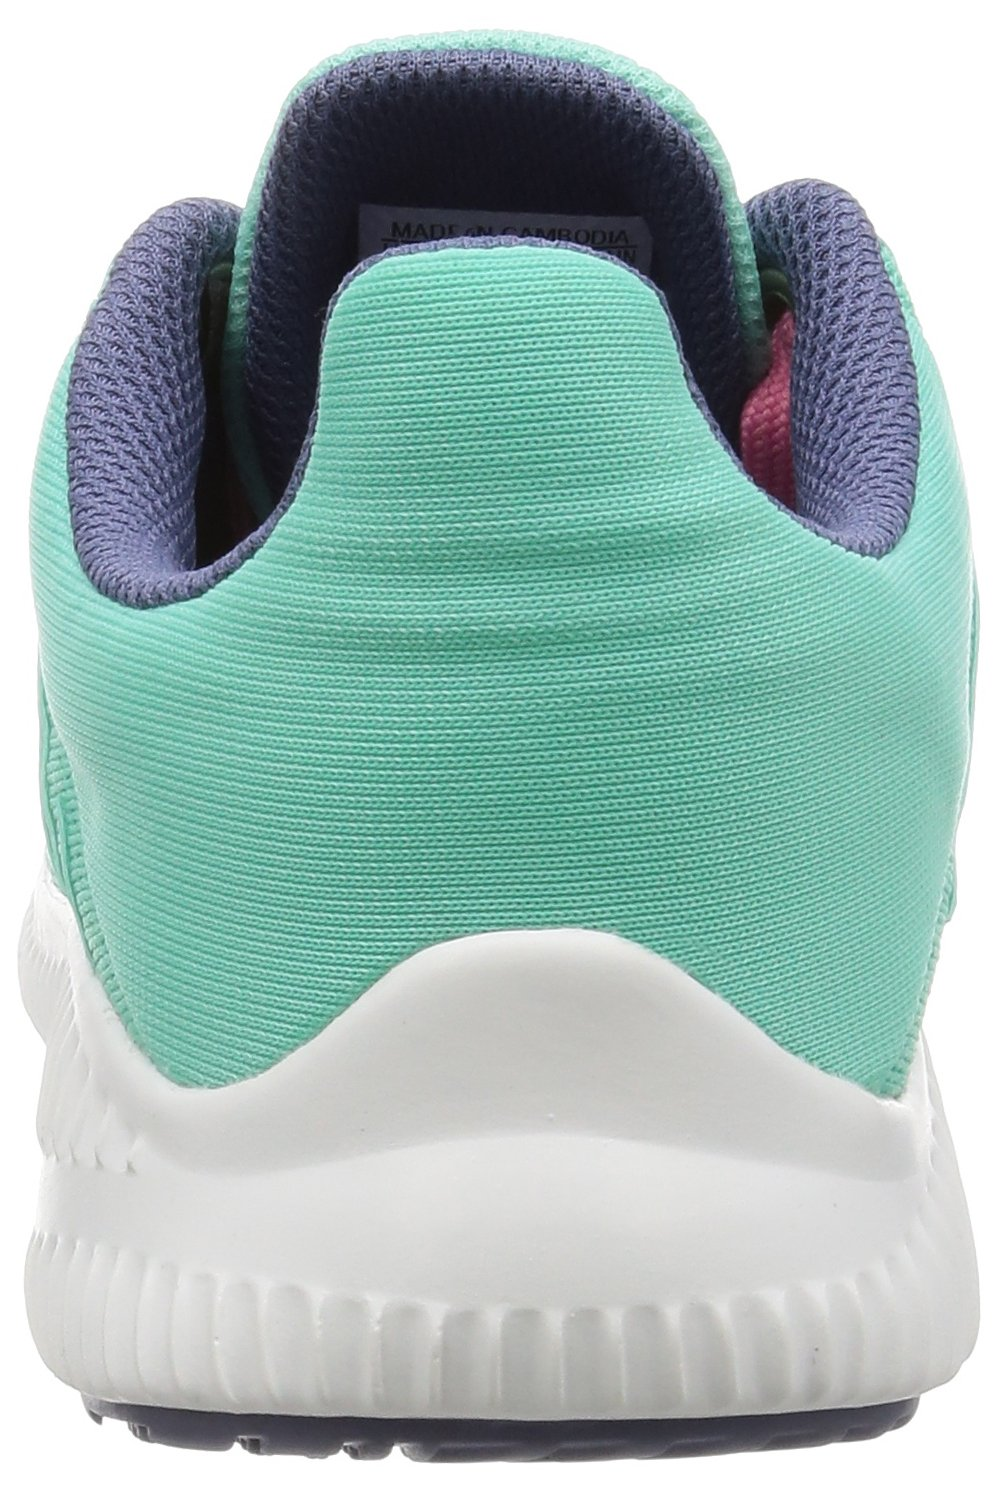 Adidas Fortarun K Verde niño: Amazon.com.mx: Ropa, Zapatos y Accesorios